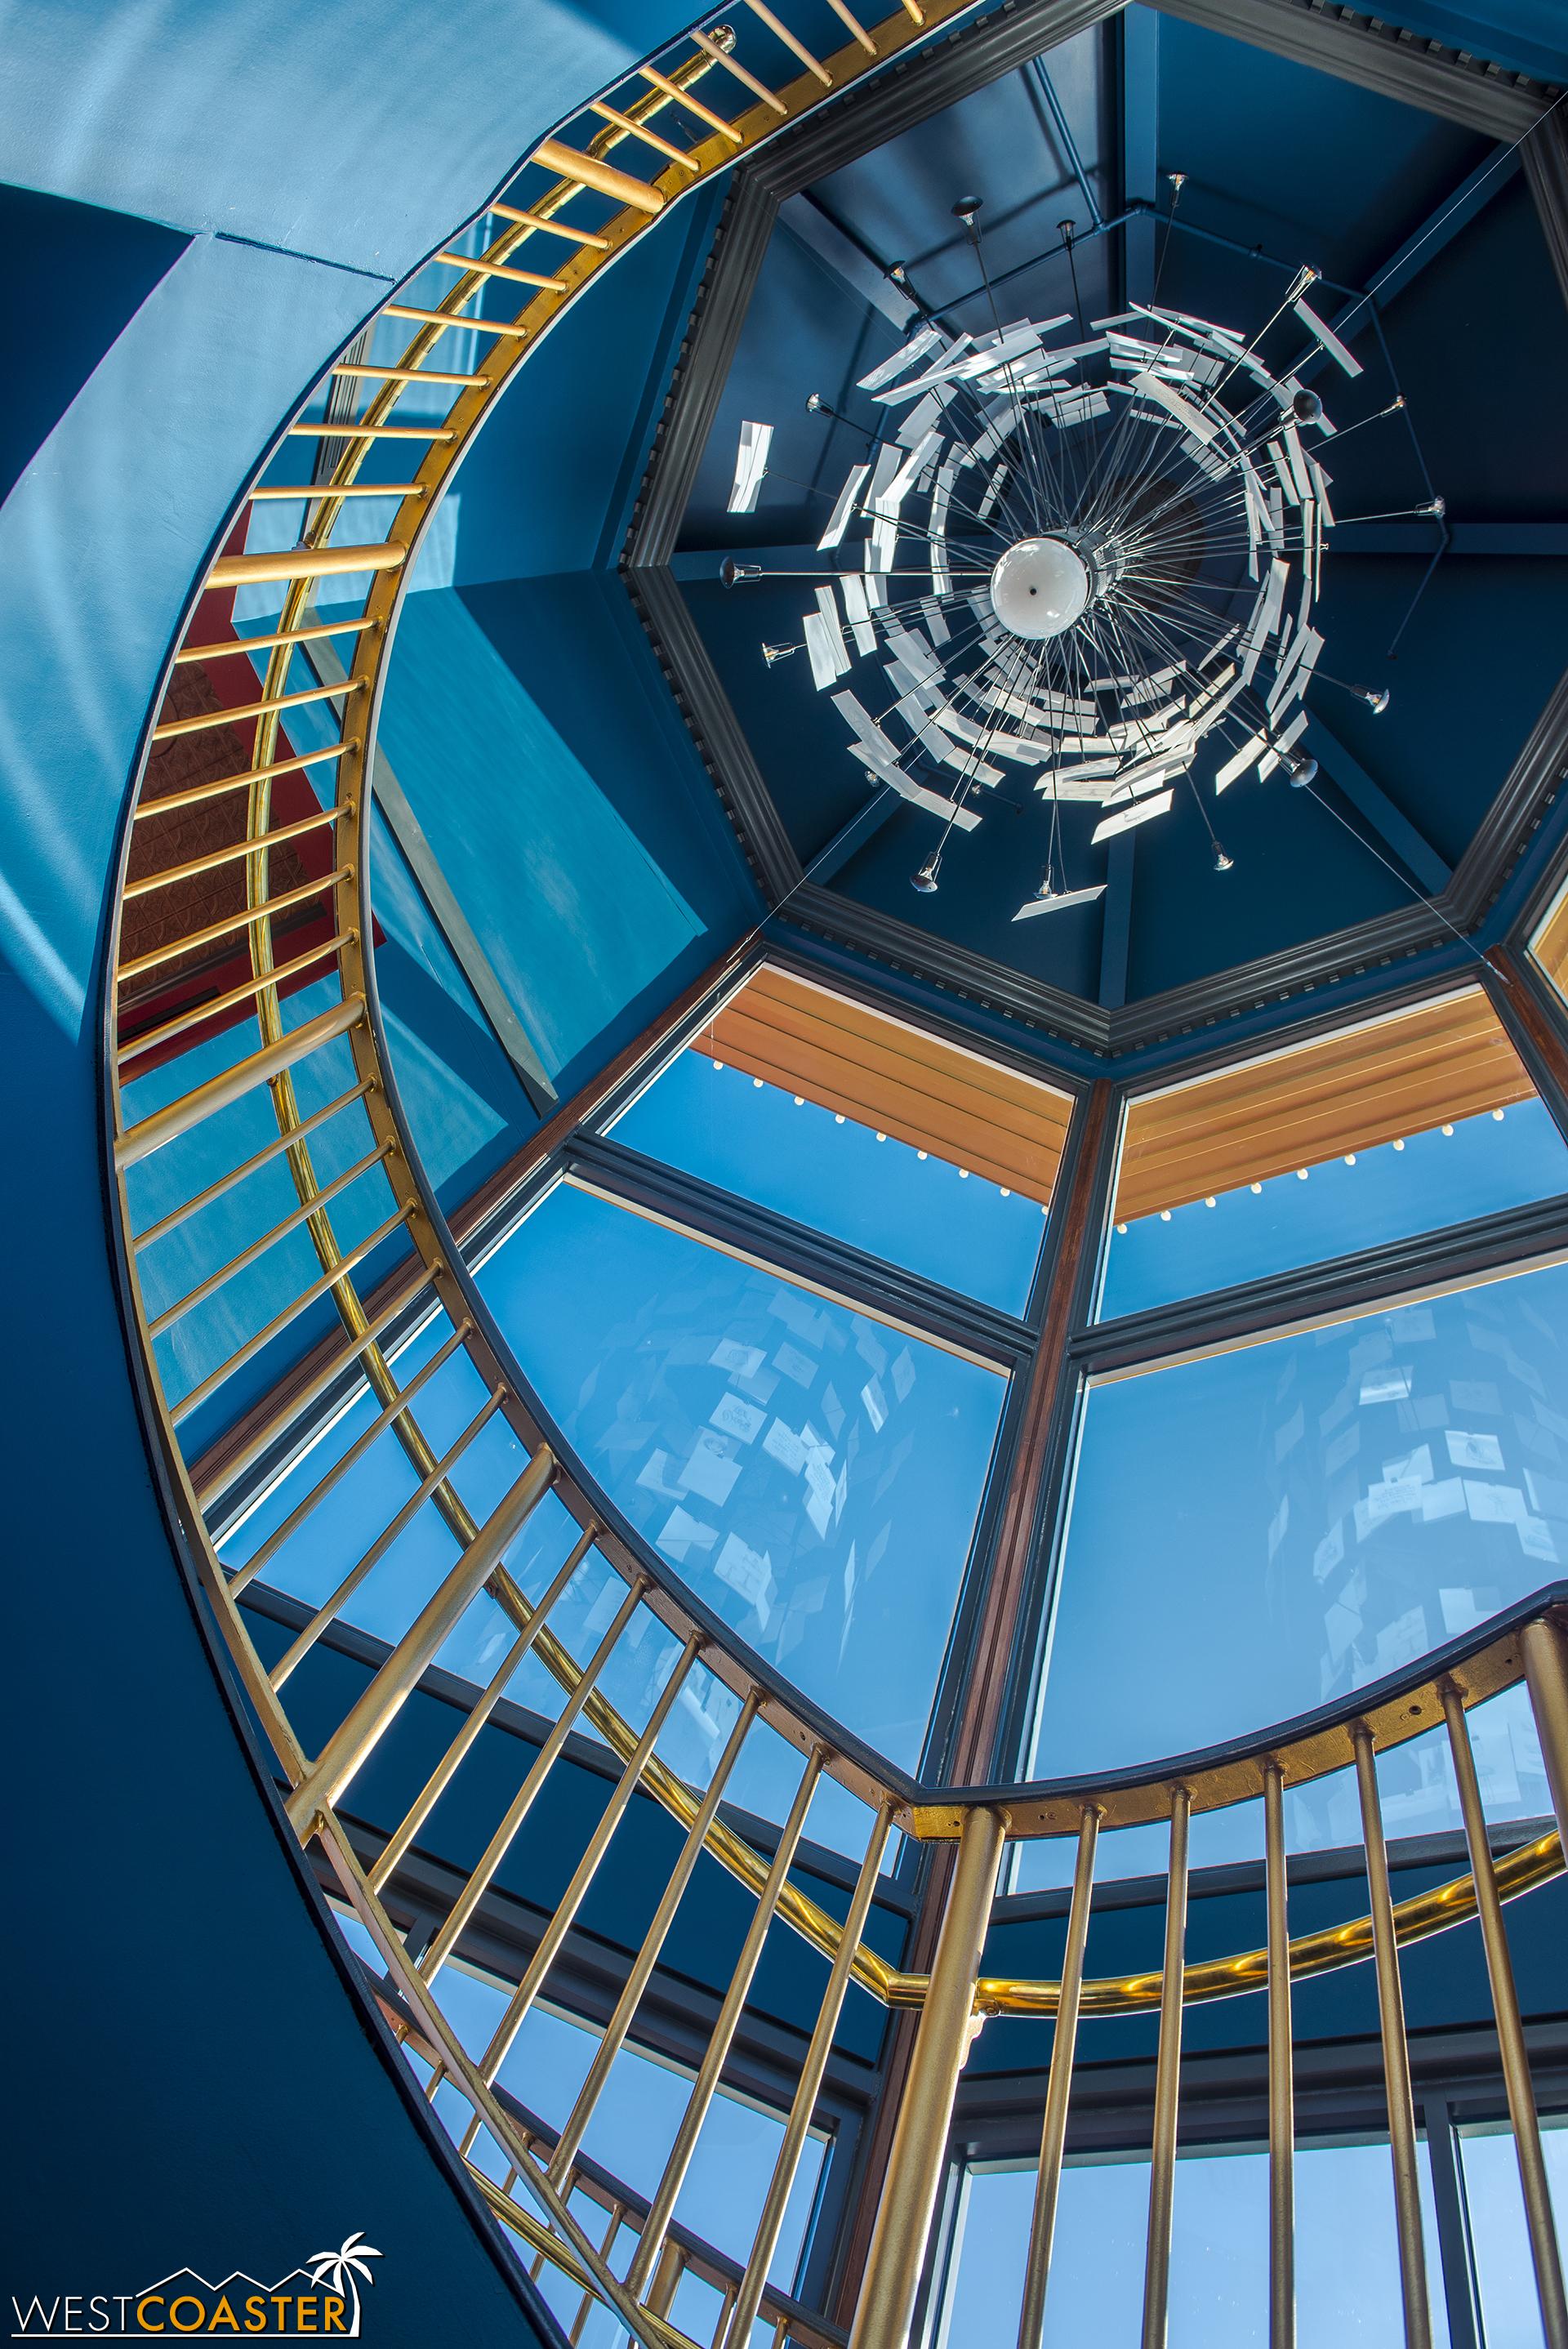 Upstairs…